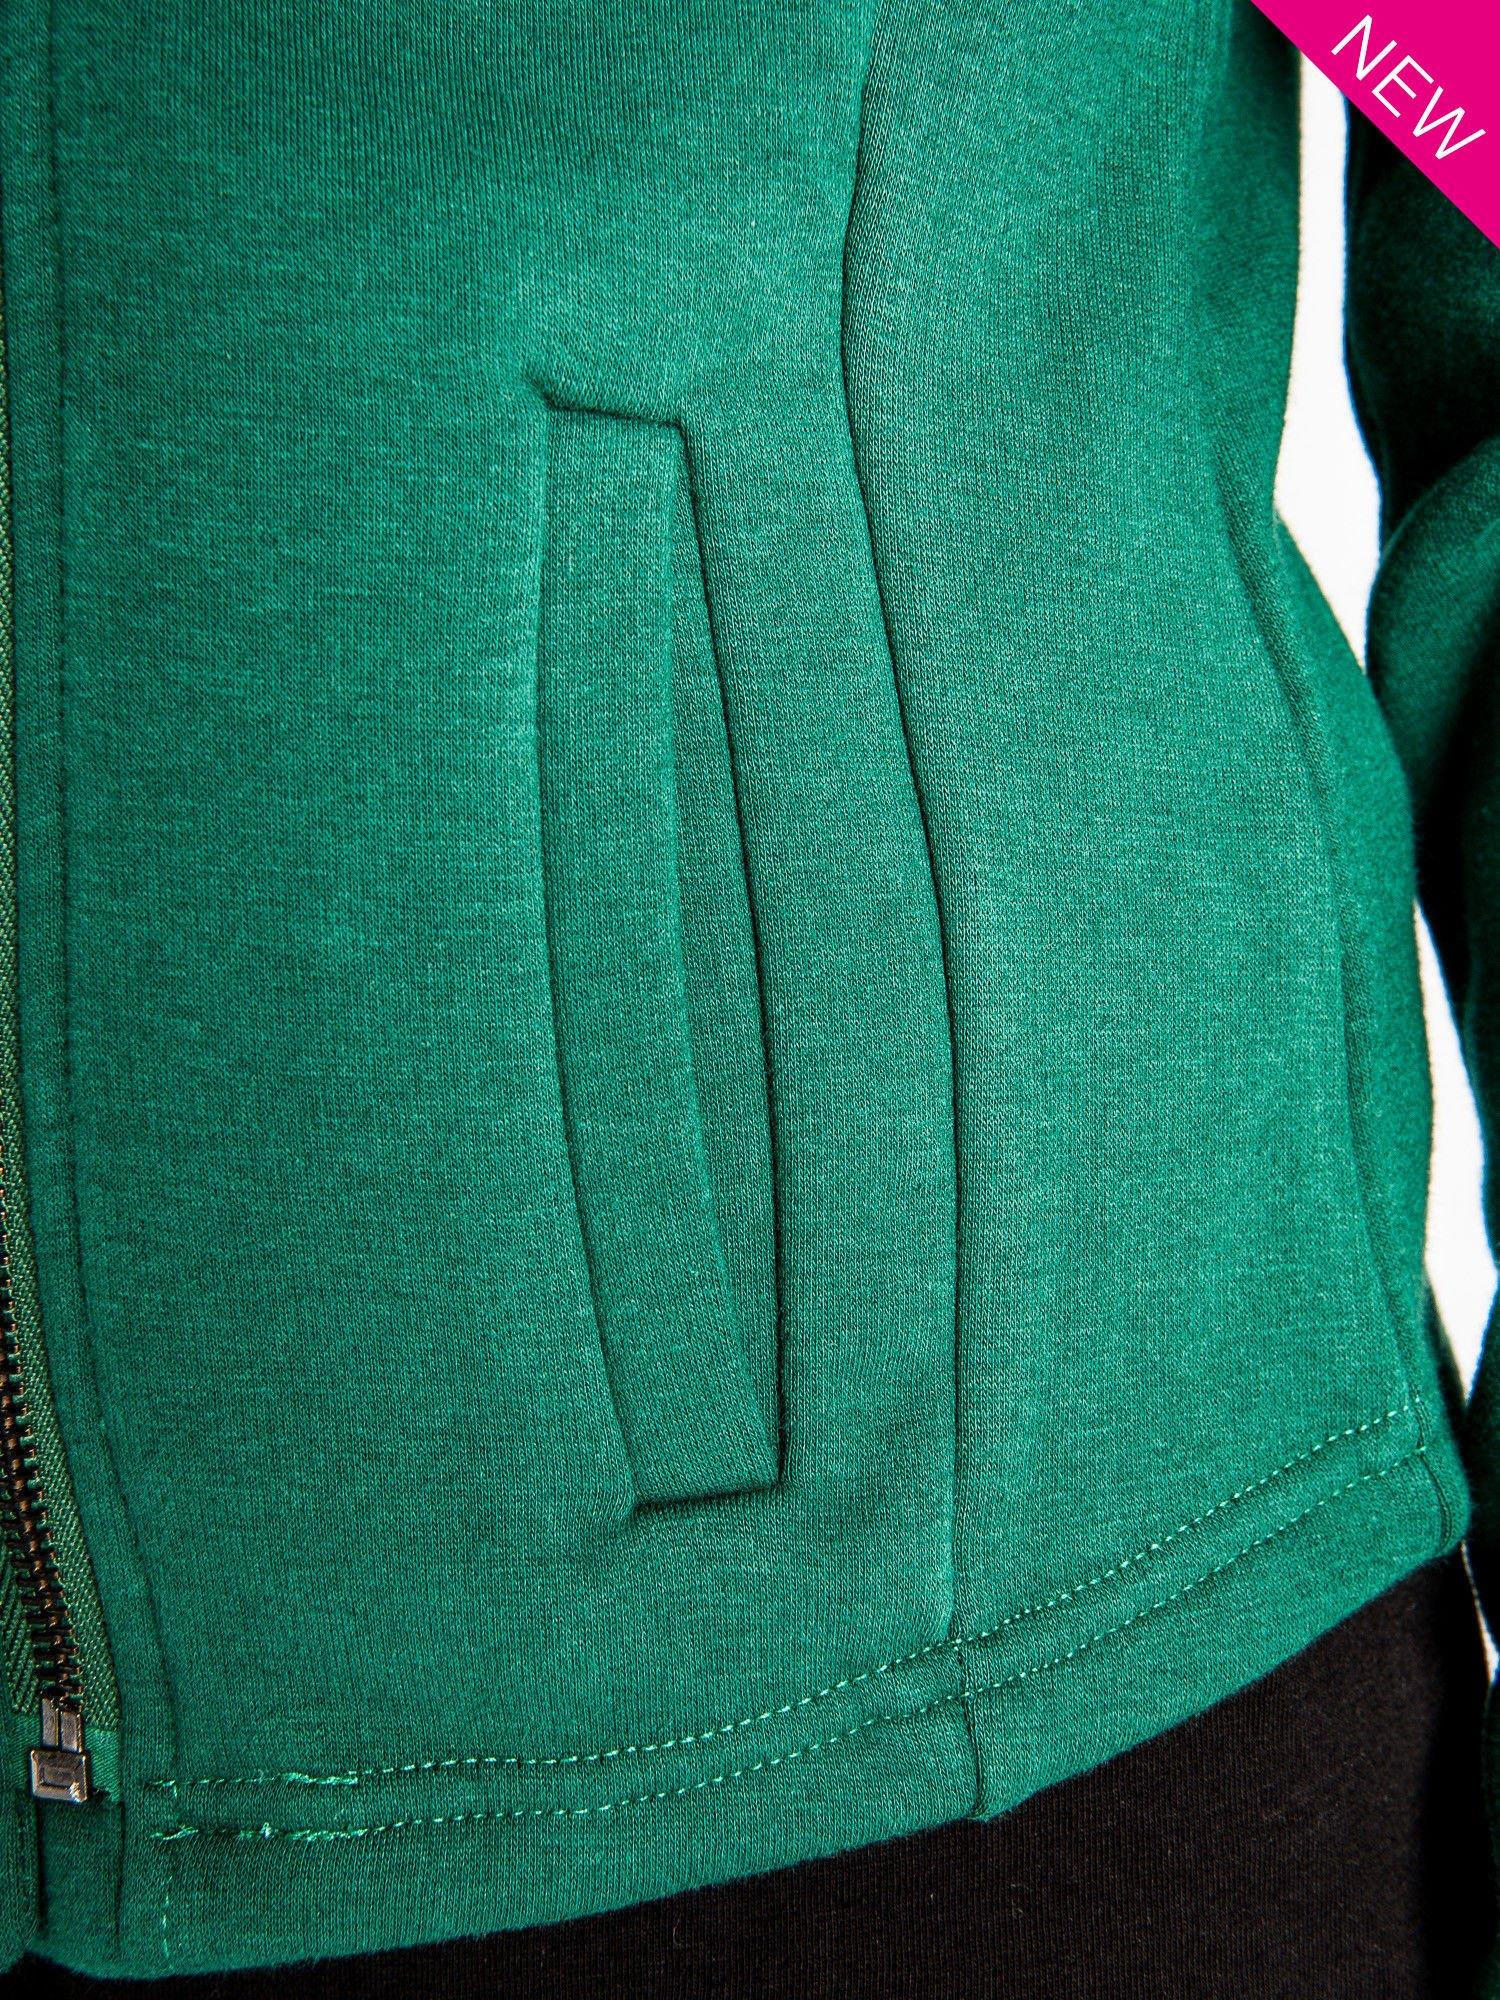 Zielona bluza o kroju ramoneski z asymetrycznym suwakiem                                  zdj.                                  5